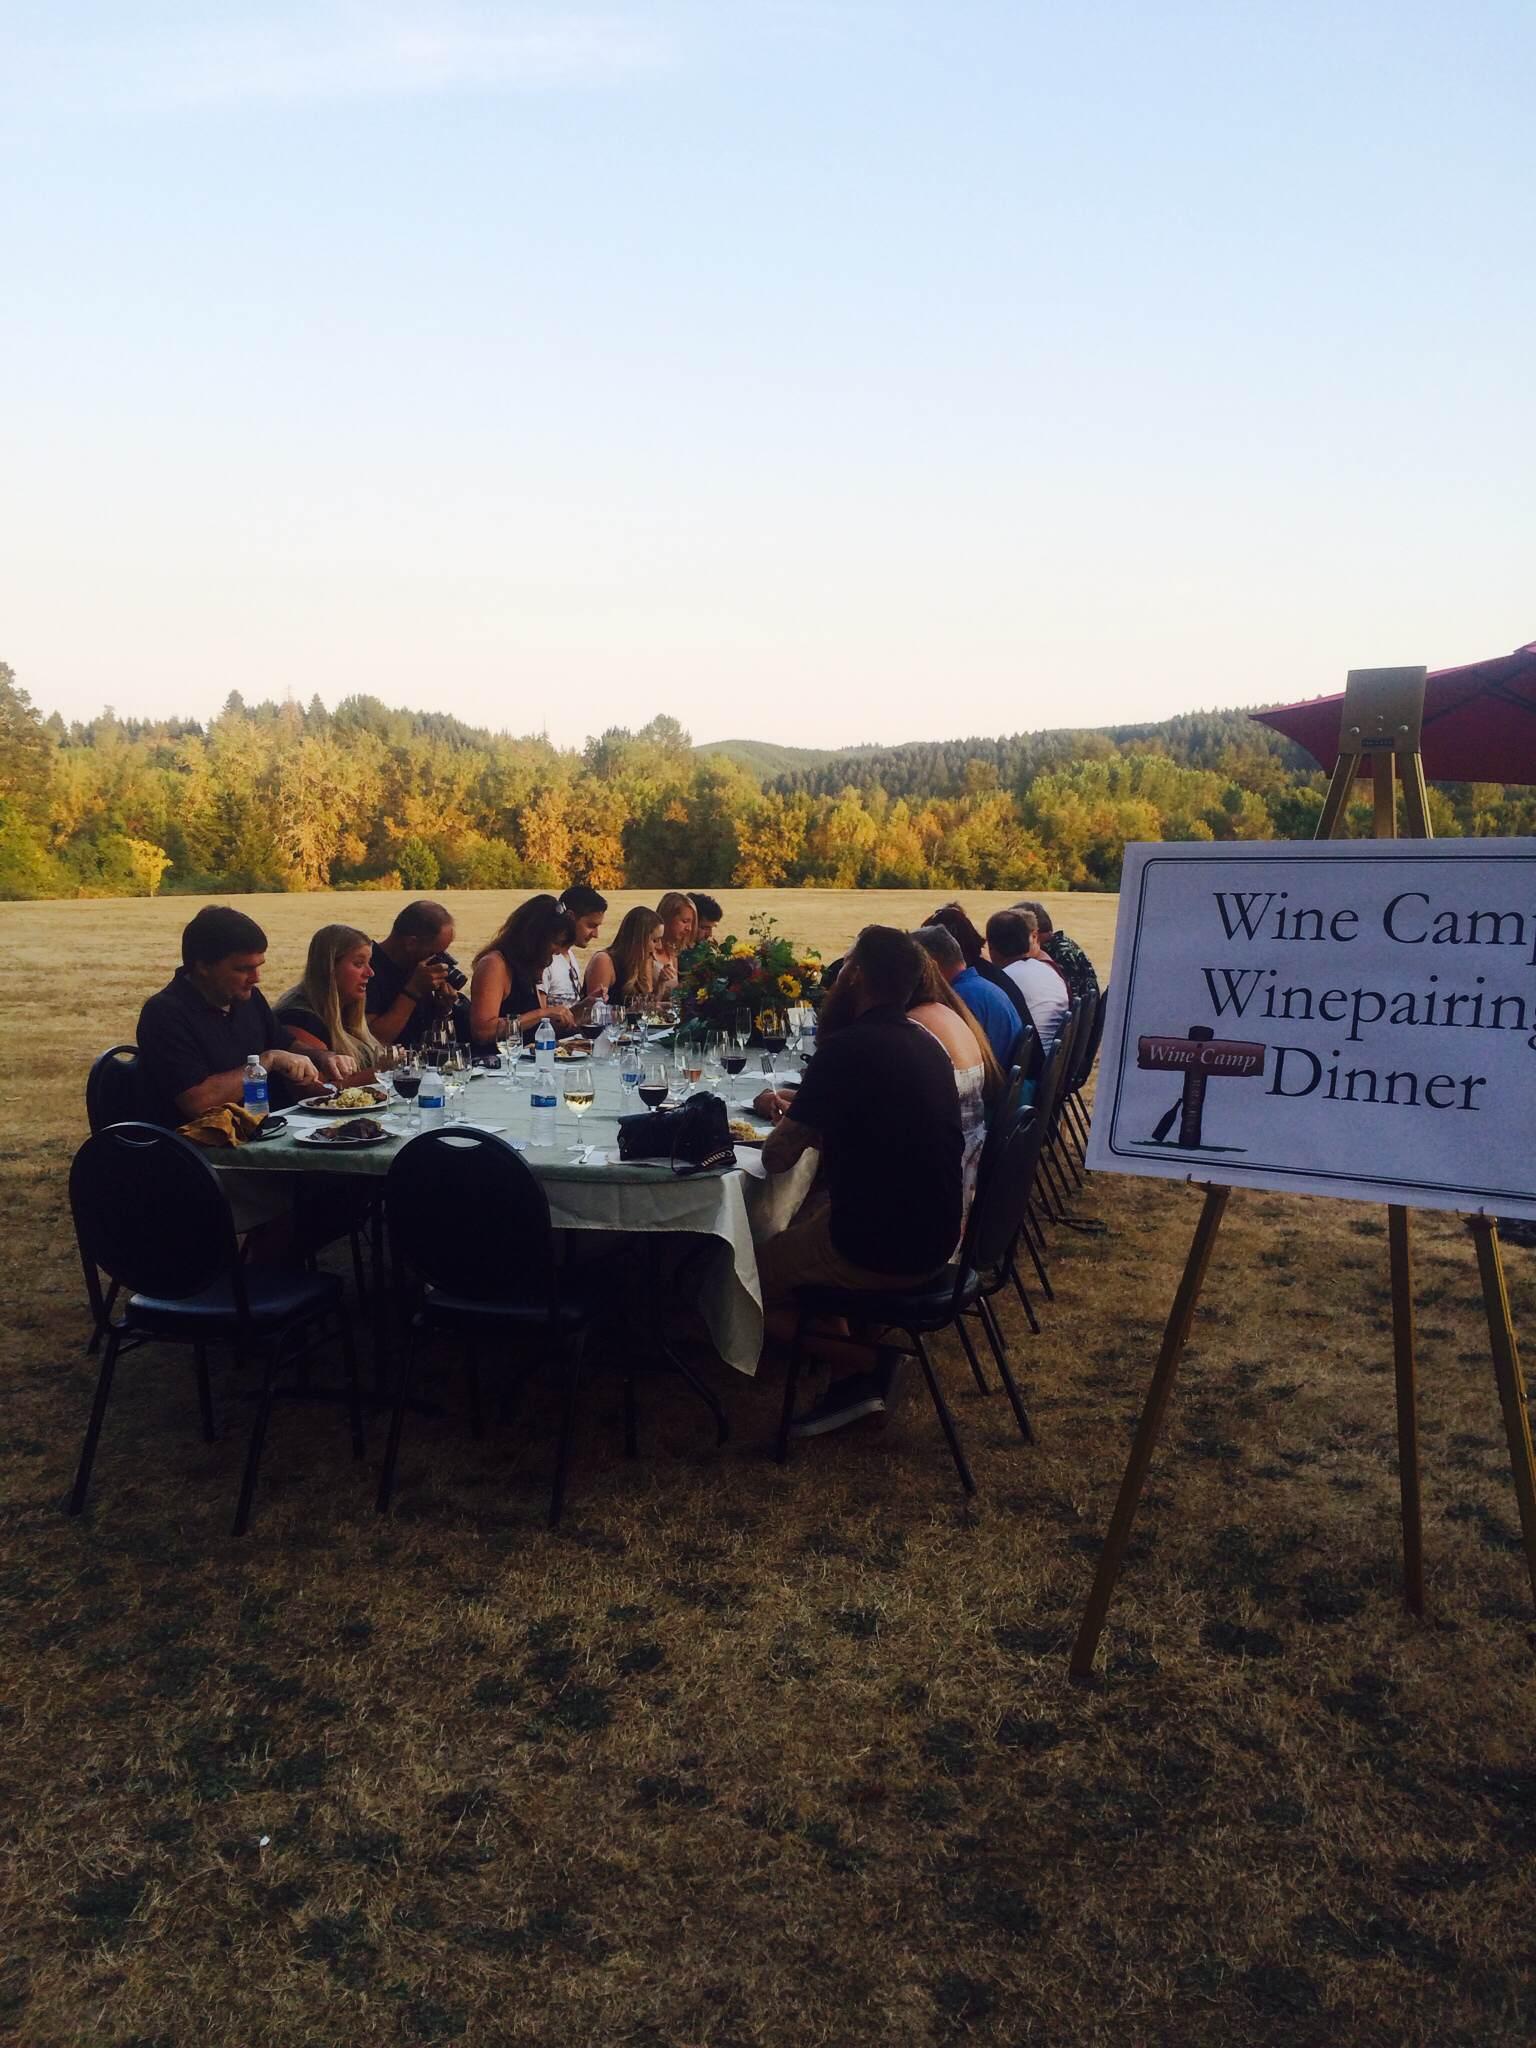 Winepairing Dinner